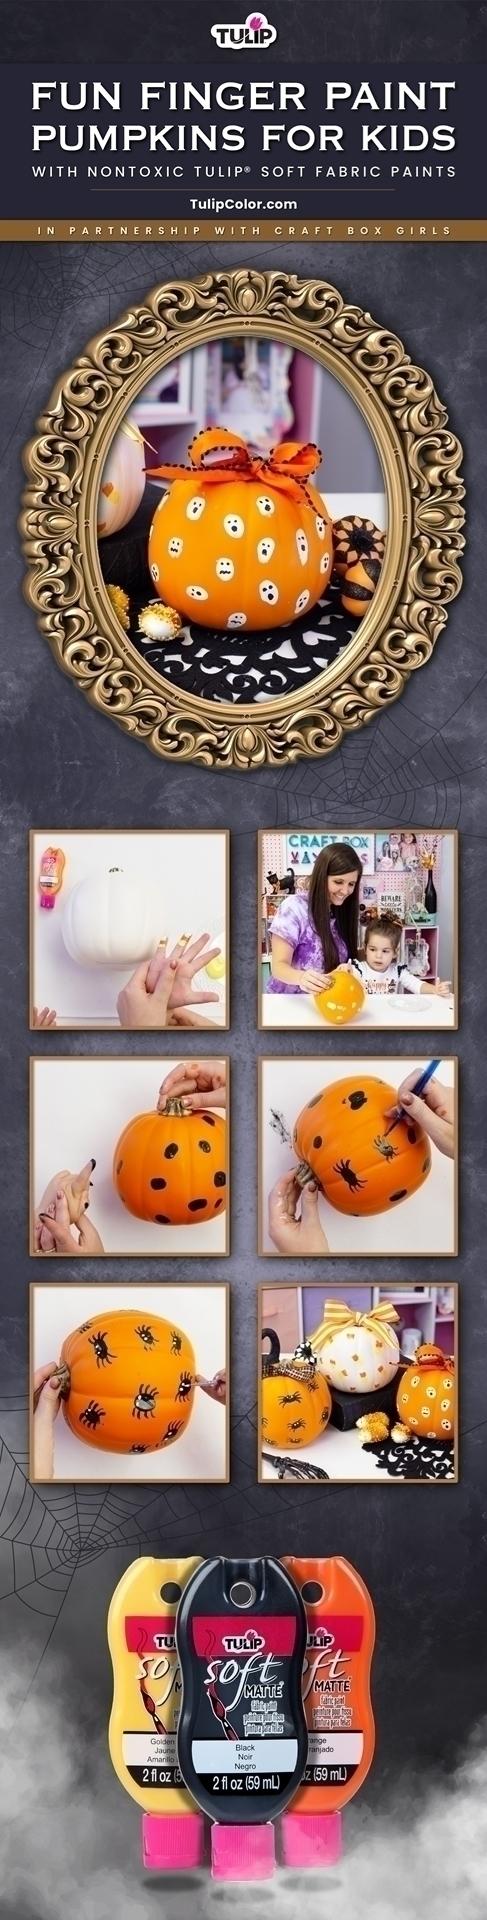 Finger Paint Pumpkins